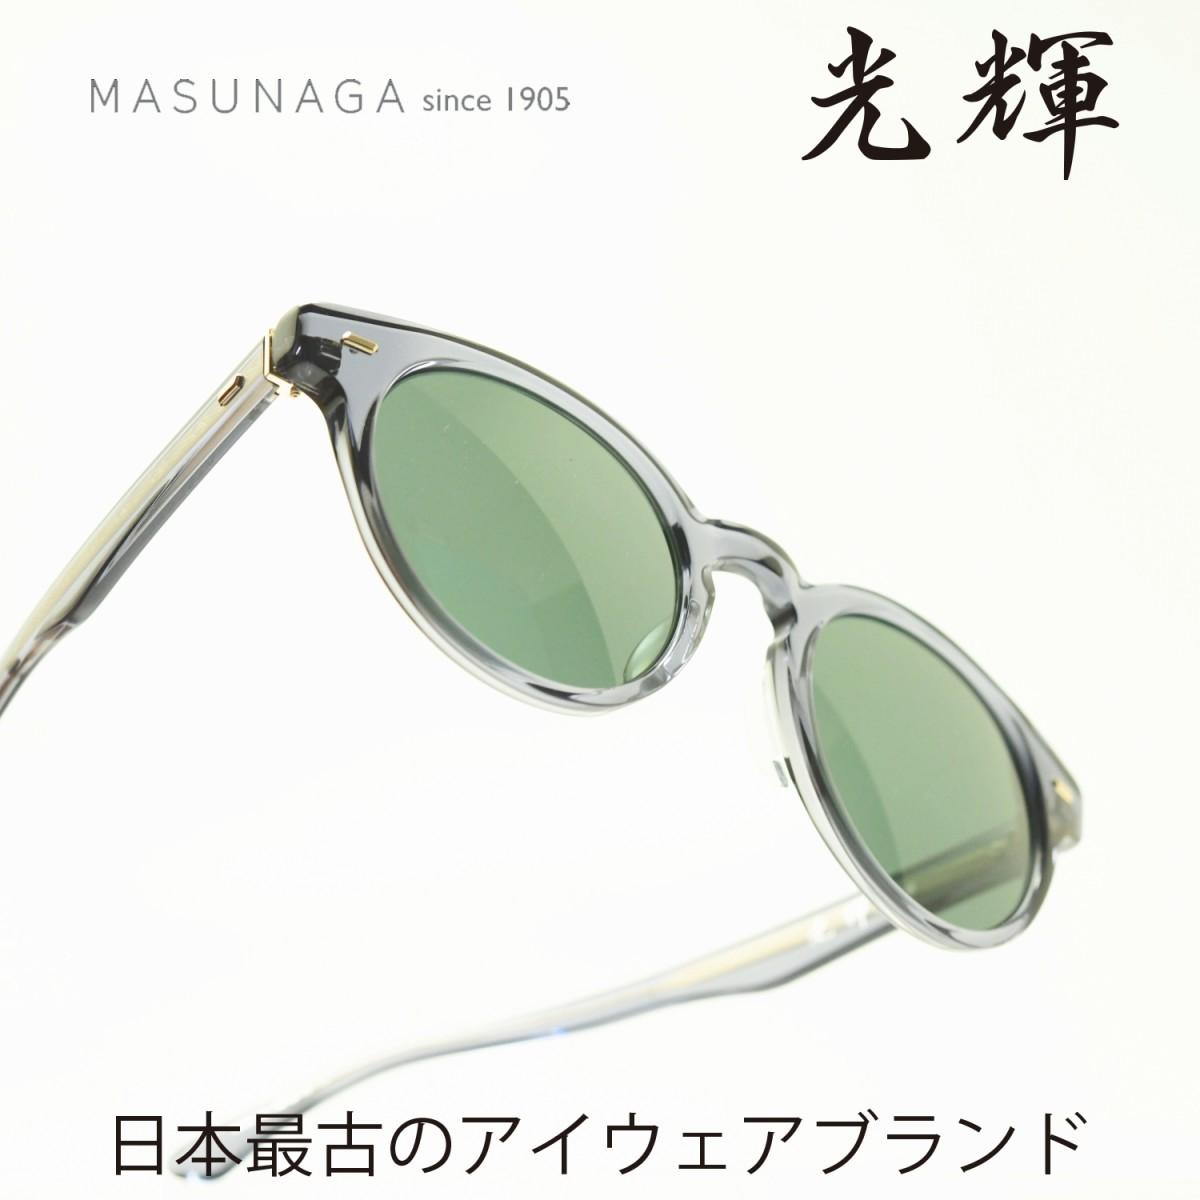 増永眼鏡 MASUNAGA光輝 076SG col-24 GRY偏光ガラスレンズ グレー